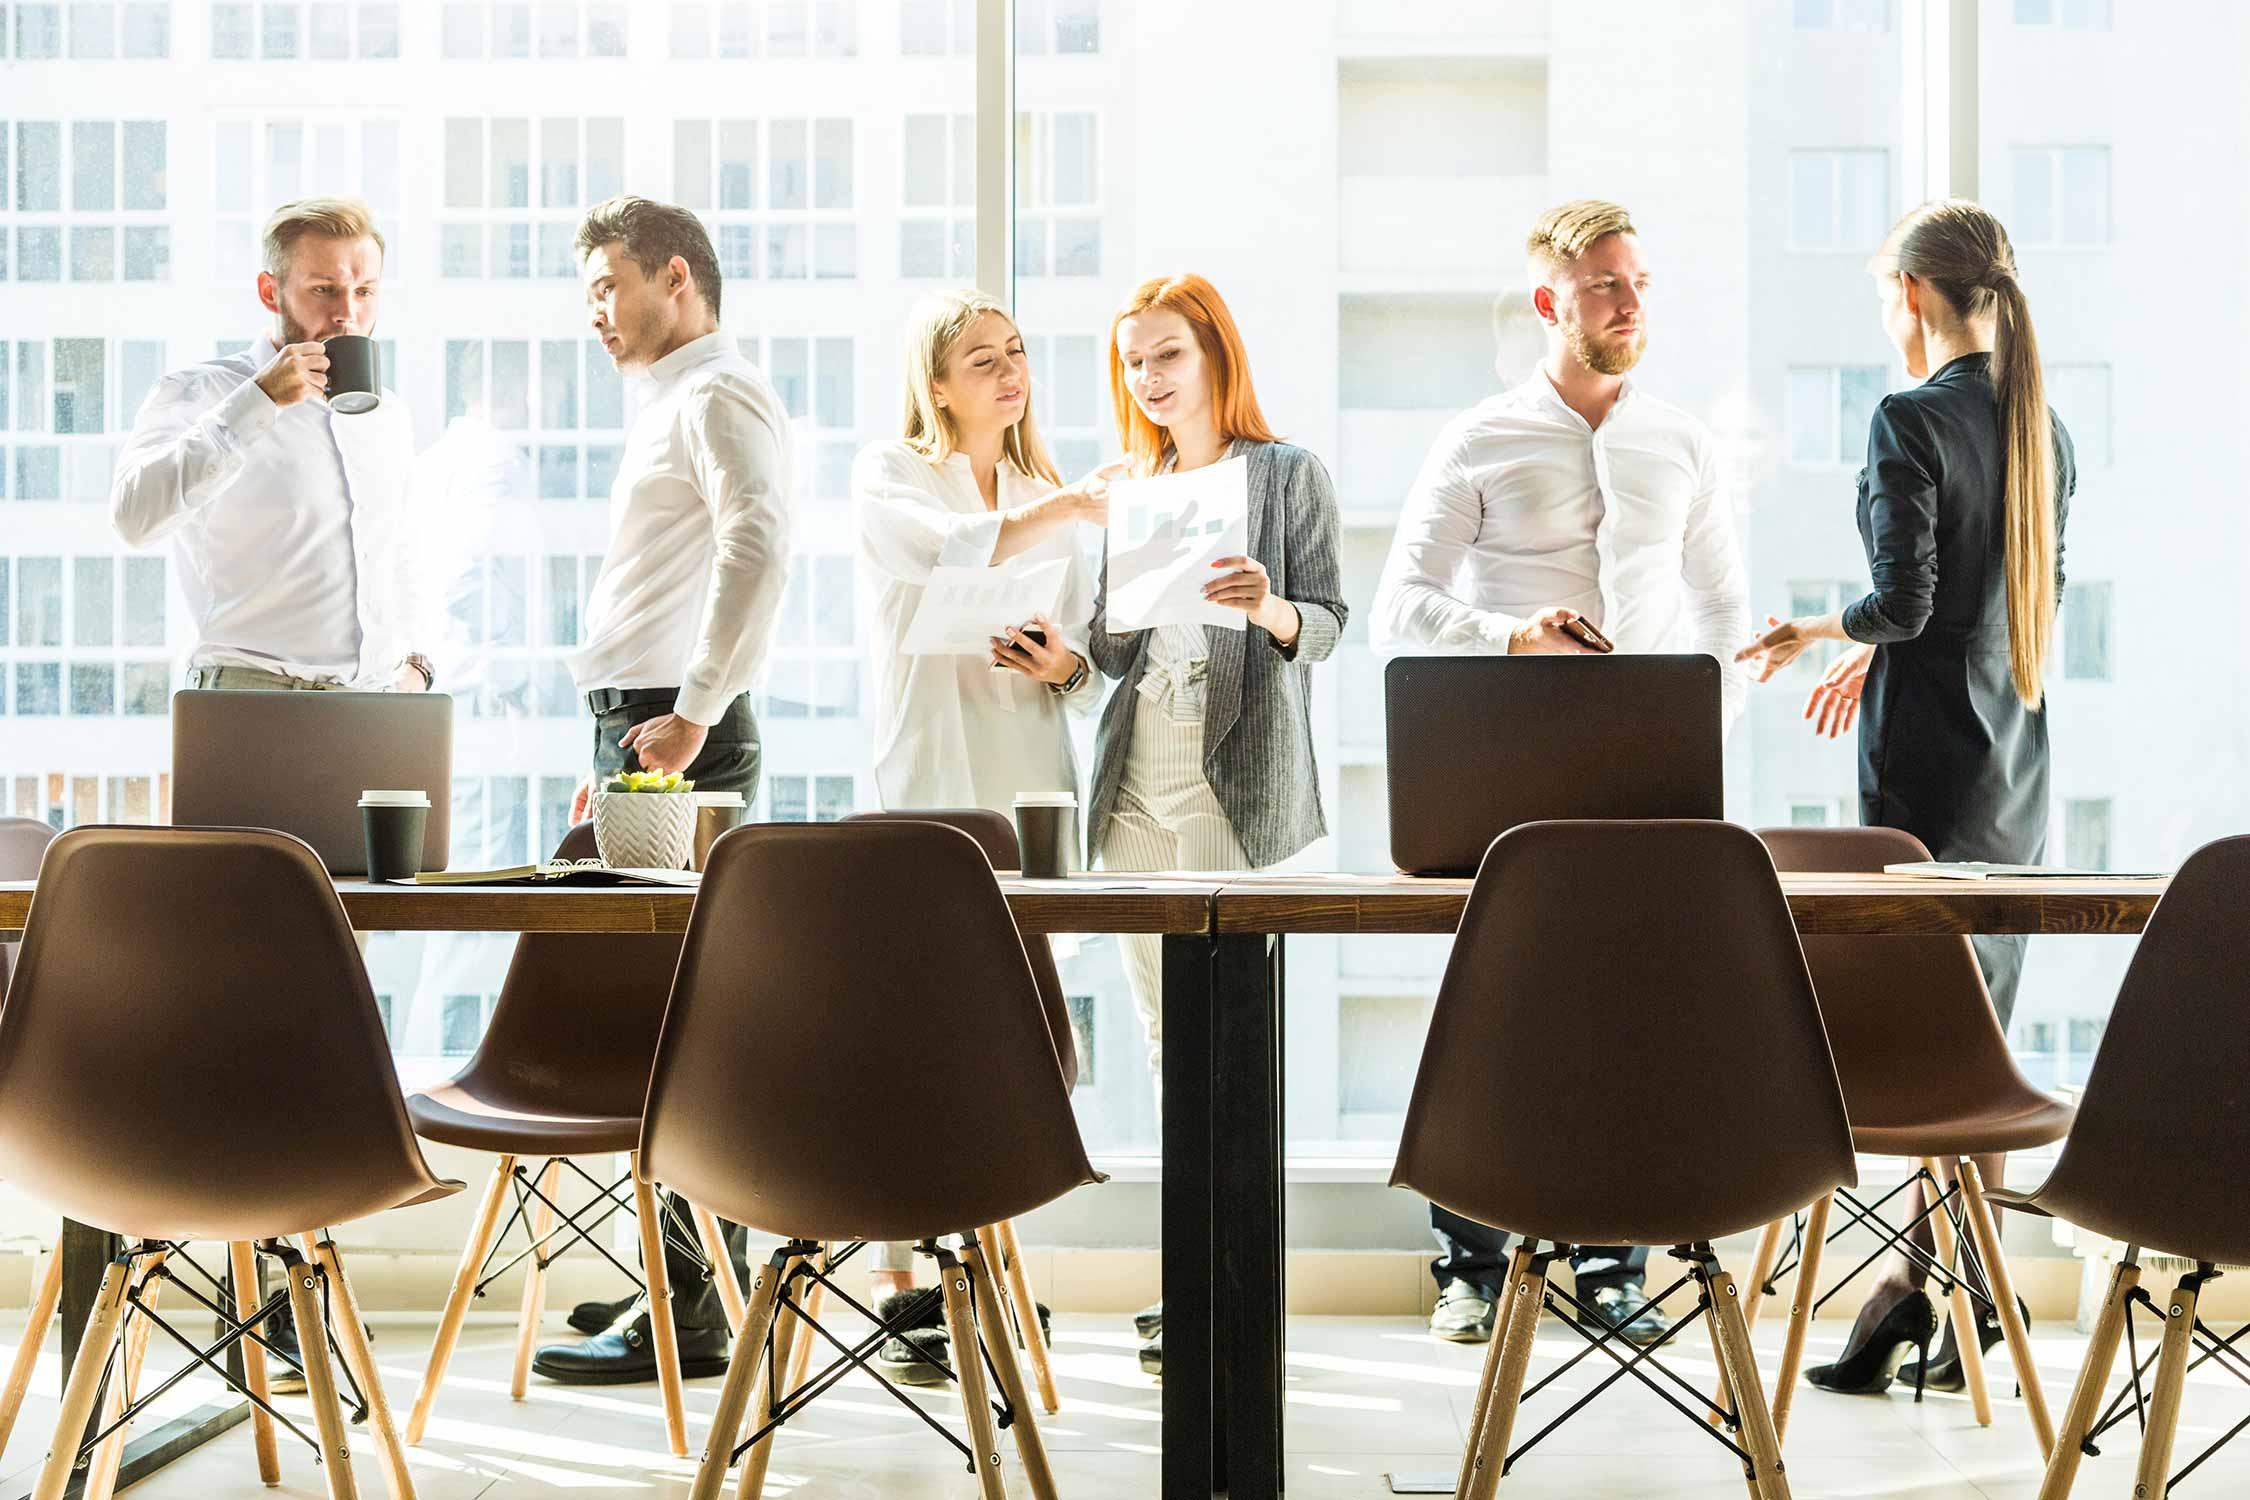 Sechs Personen diskutieren über einen Agendapunkt eines Meetings.